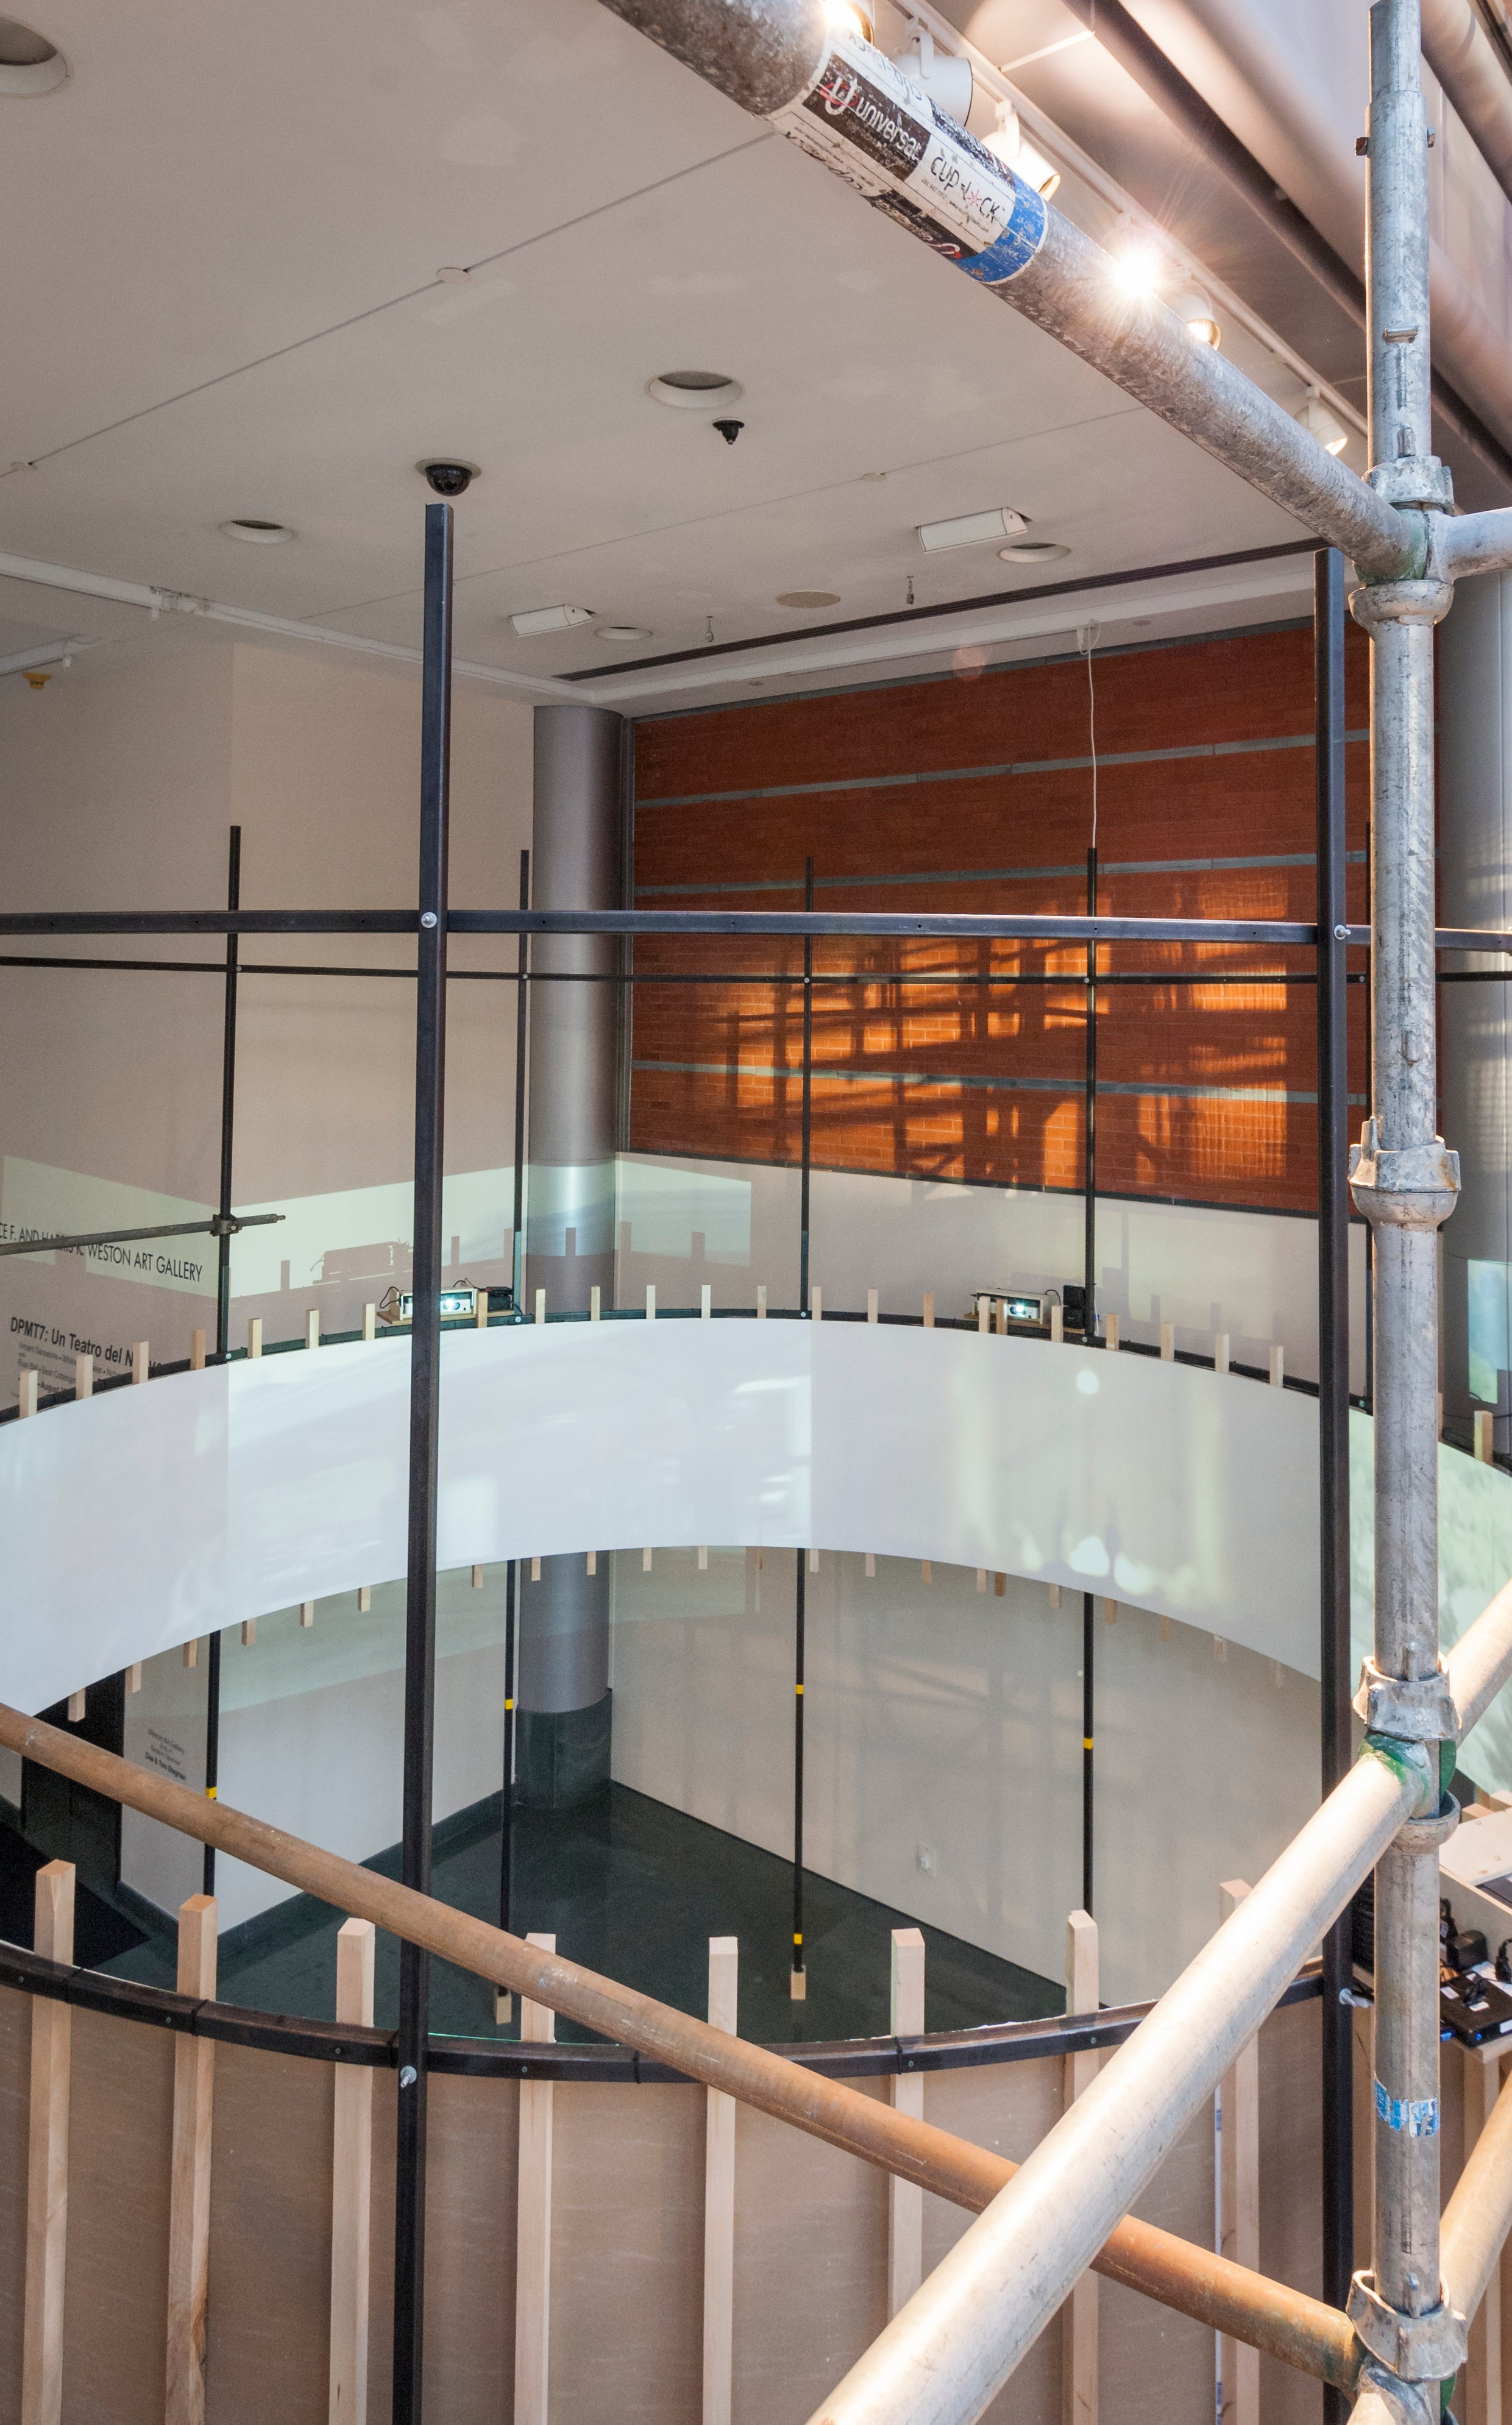 Dpmt7 Un Teatro Del Nuovo Cincinnati Arts Weston Wiring Diagram Street Level Gallery With Cyclorama Installation View Detail